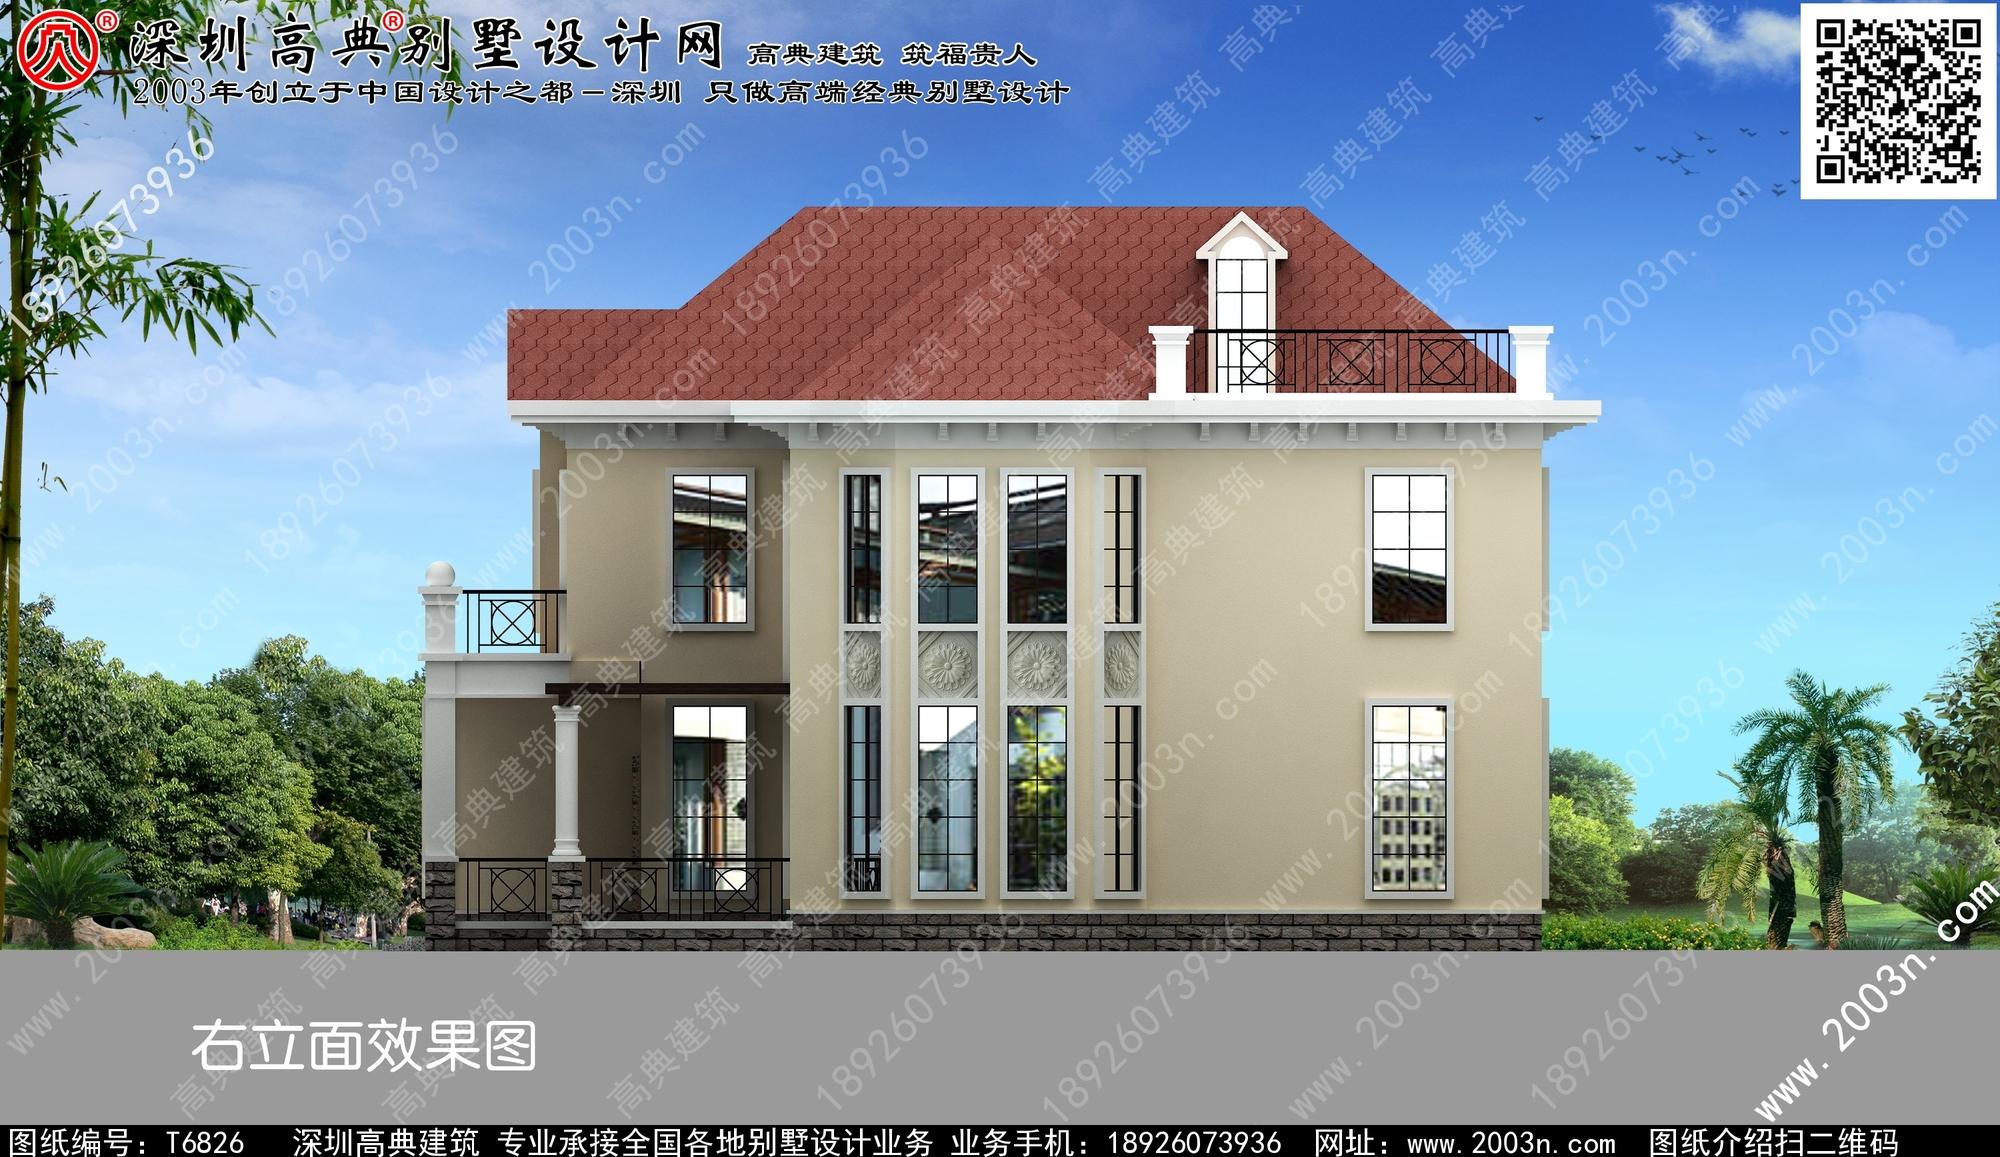 南方農村小別墅設計圖展示